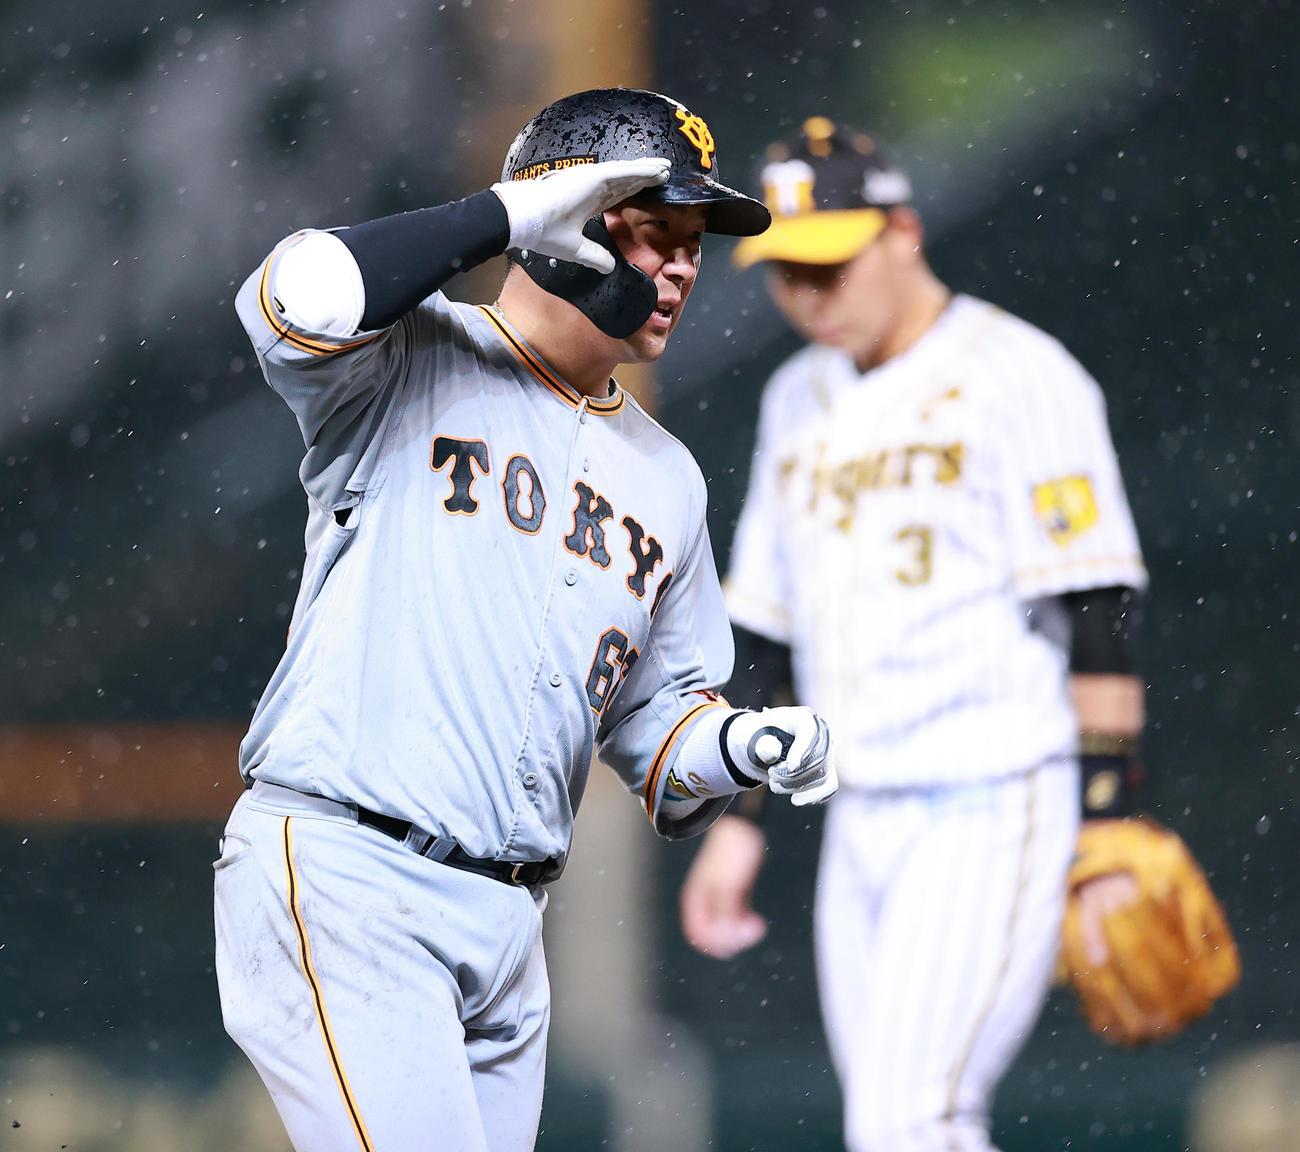 阪神対巨人 5回表巨人無死一塁、香月は2点本塁打を放ち、敬礼のポーズで三塁を回る(撮影・浅見桂子)